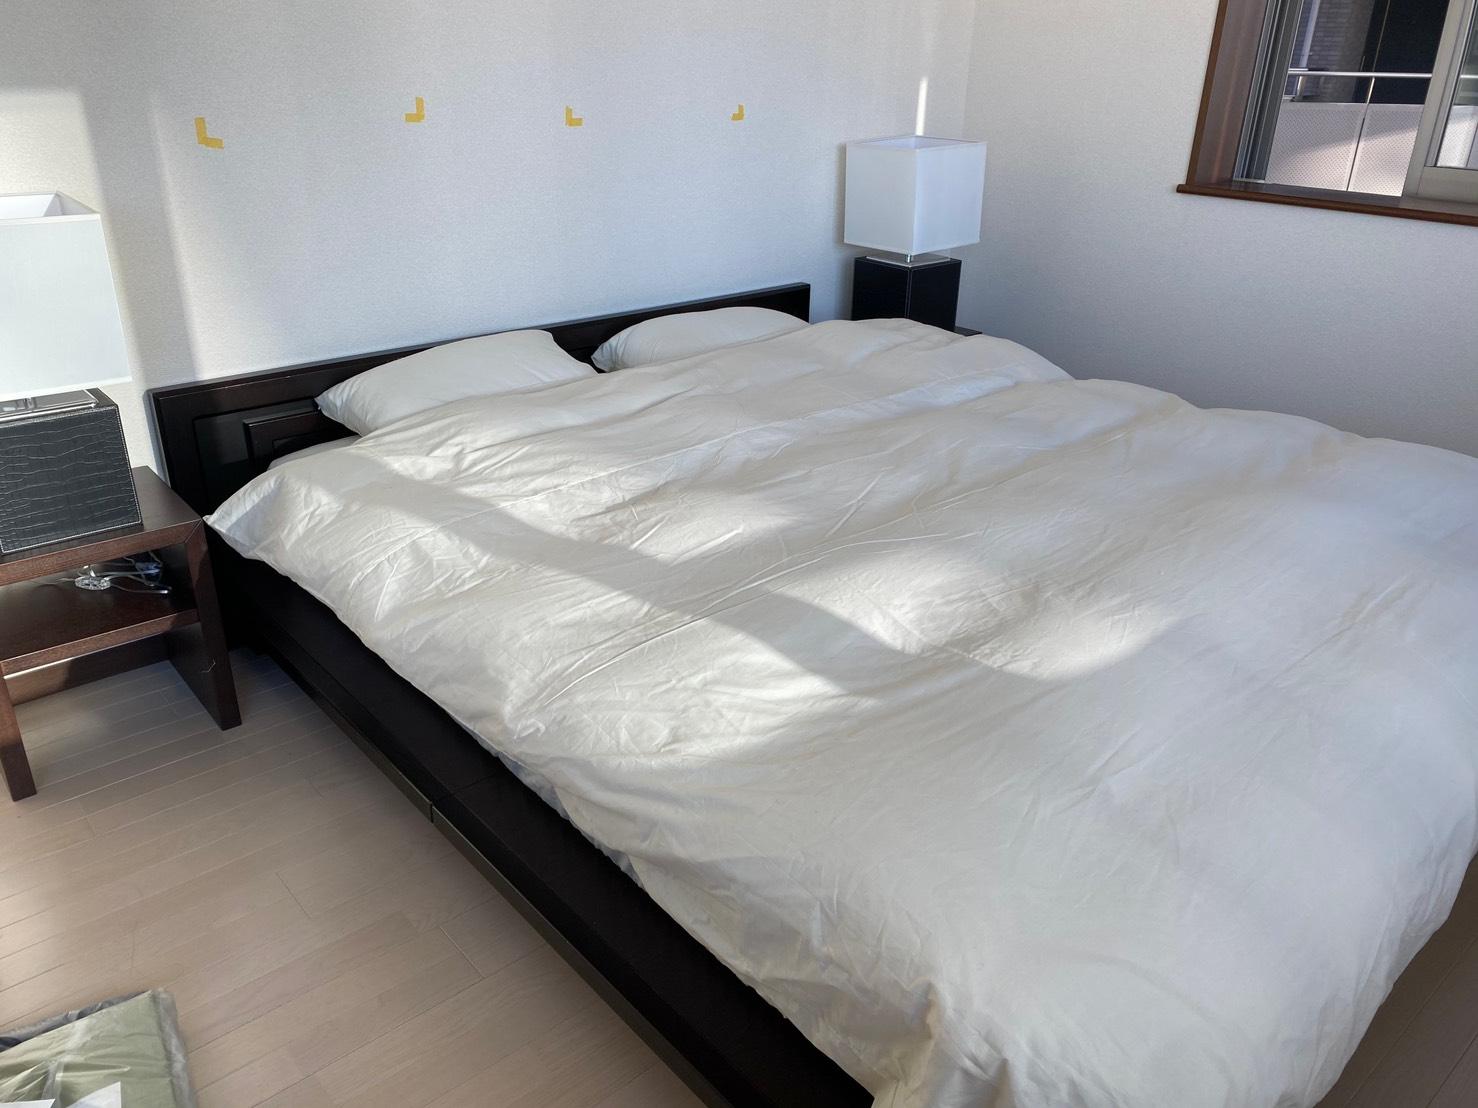 ベッドカバーの効果